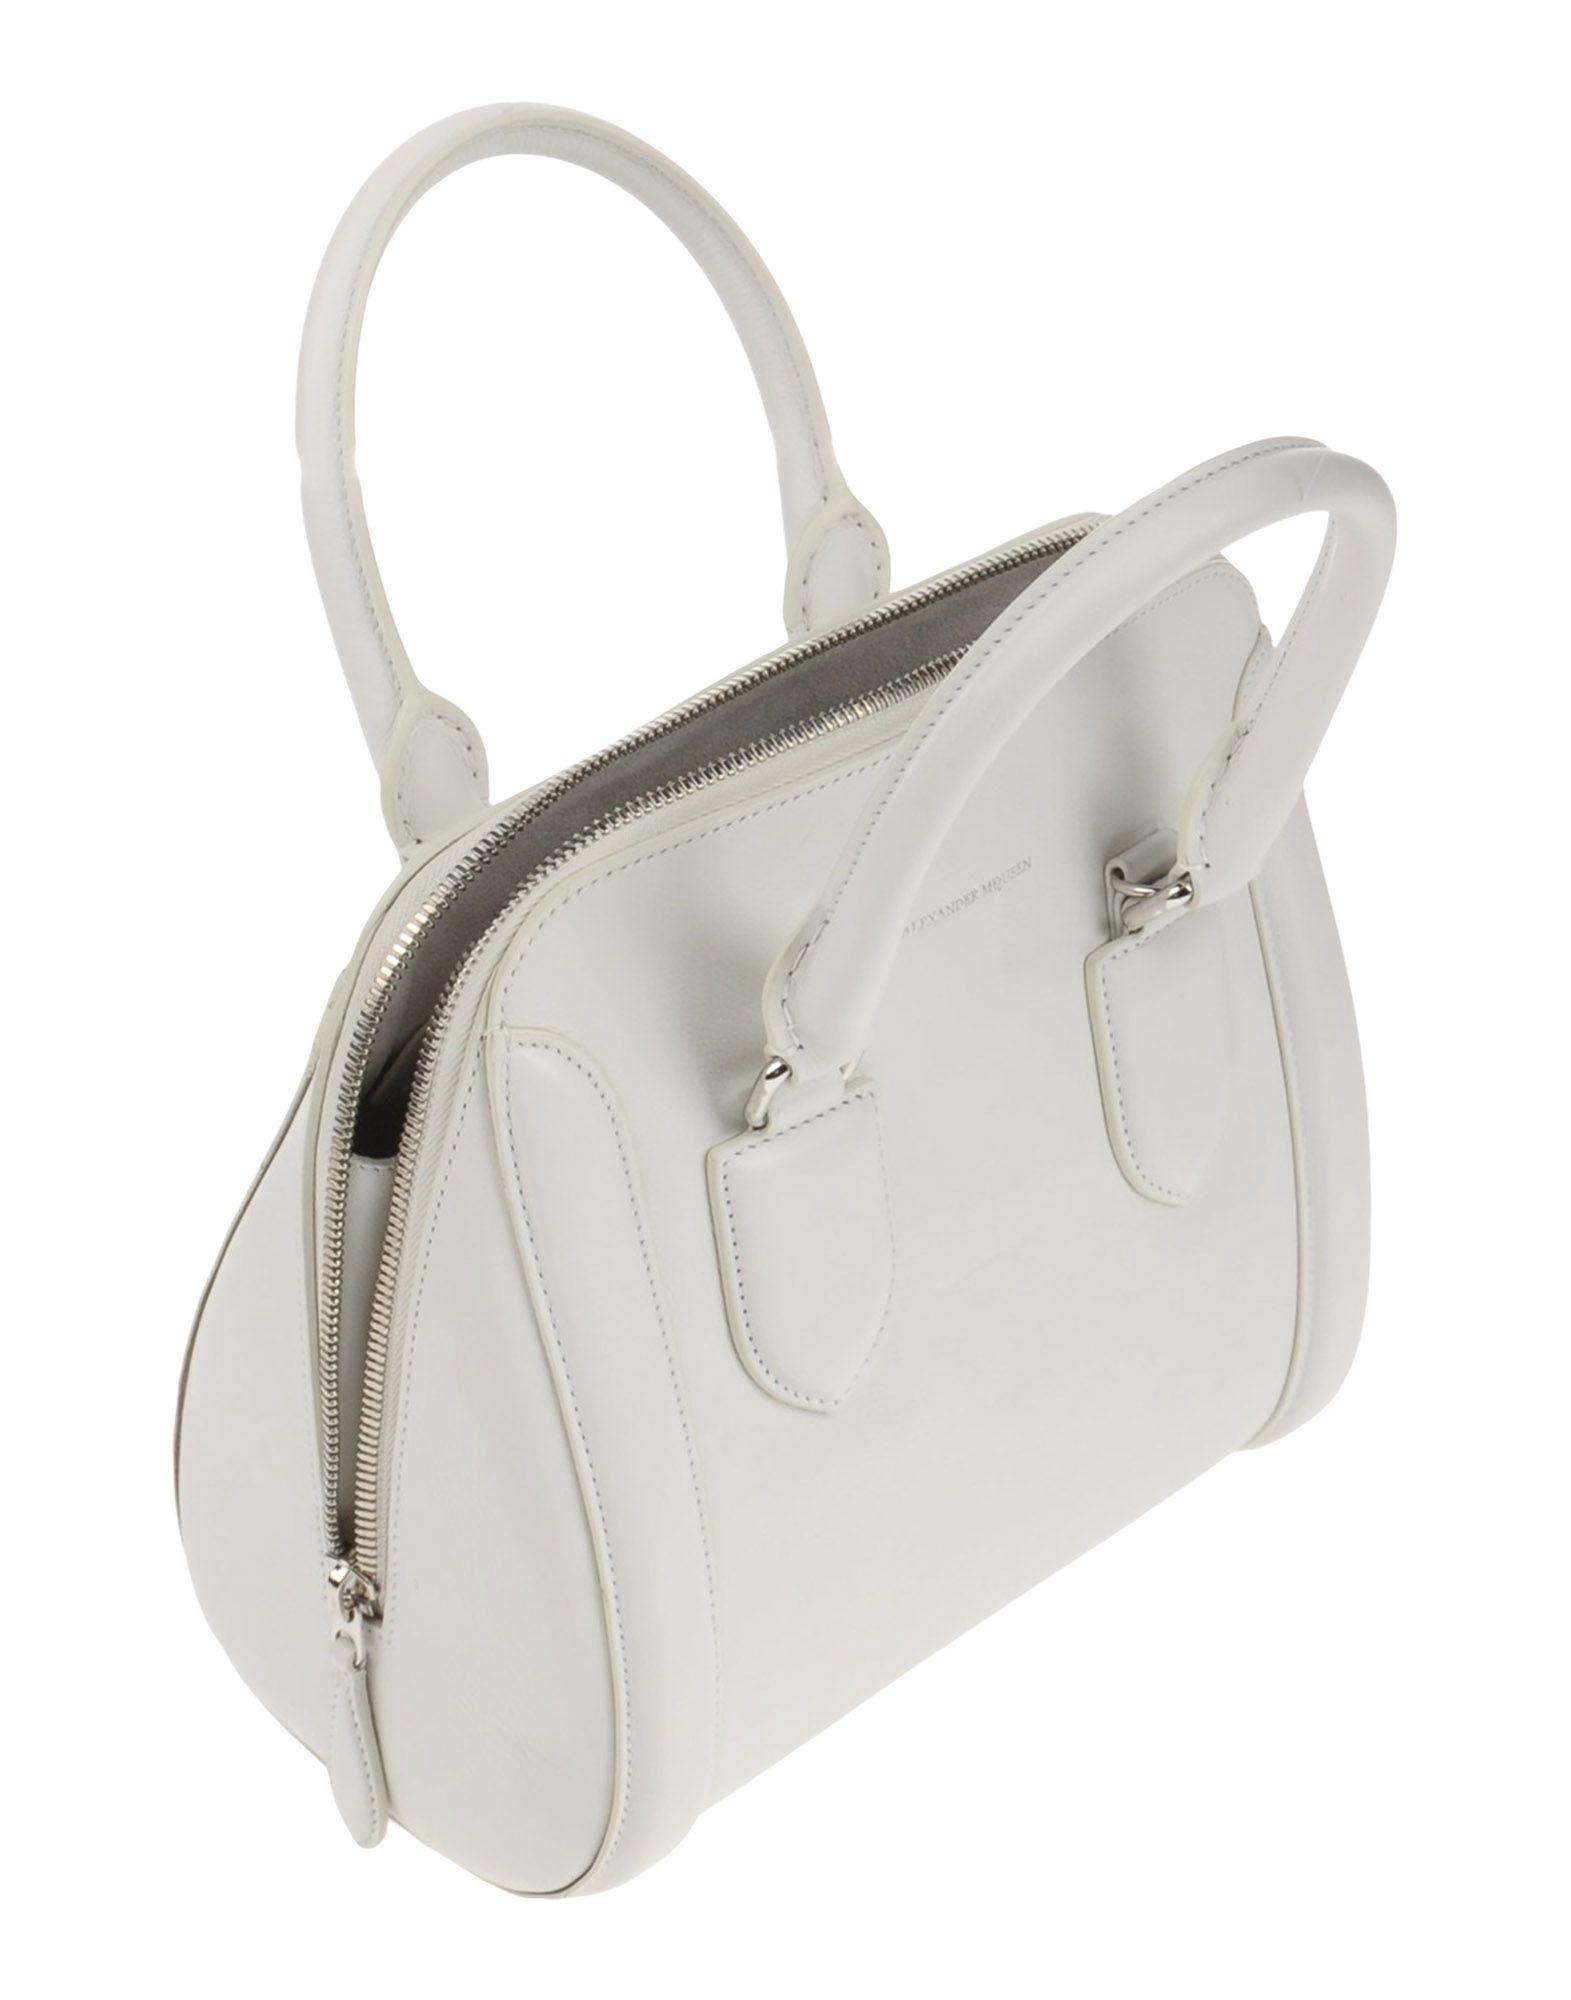 Alexander McQueen Leder Handtaschen in Weiß kfx4M